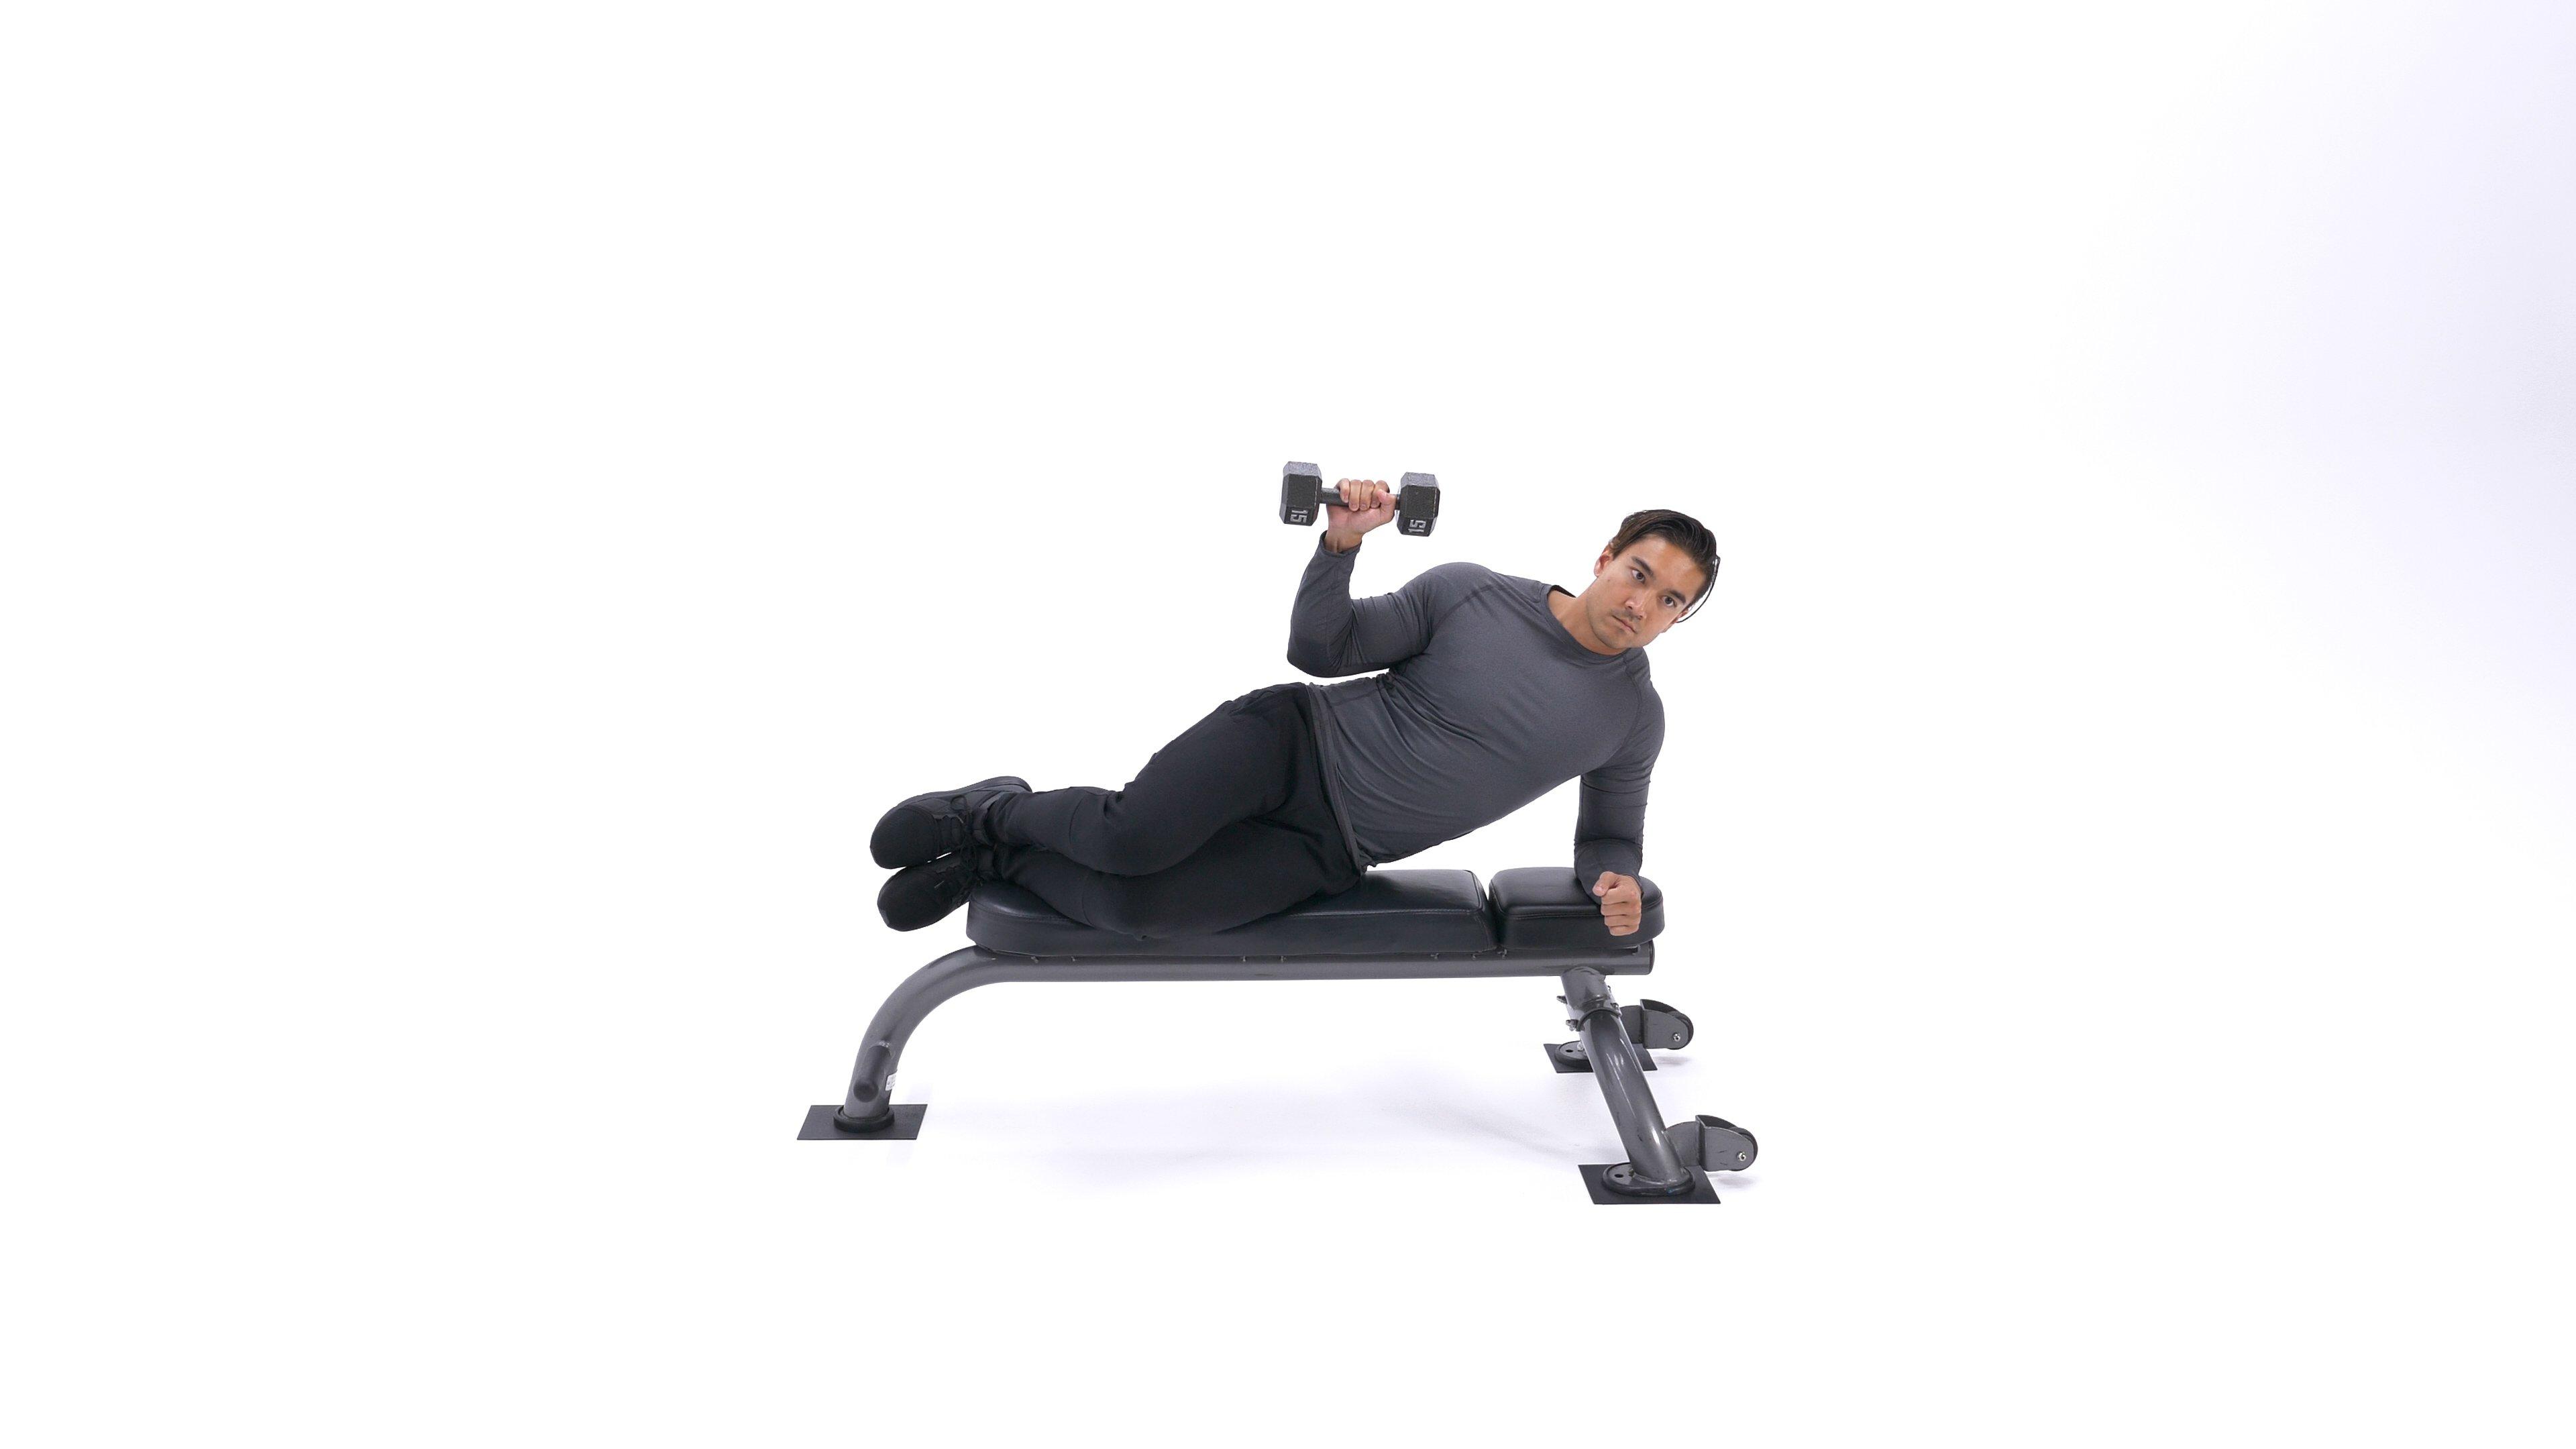 Dumbbell external shoulder rotation image